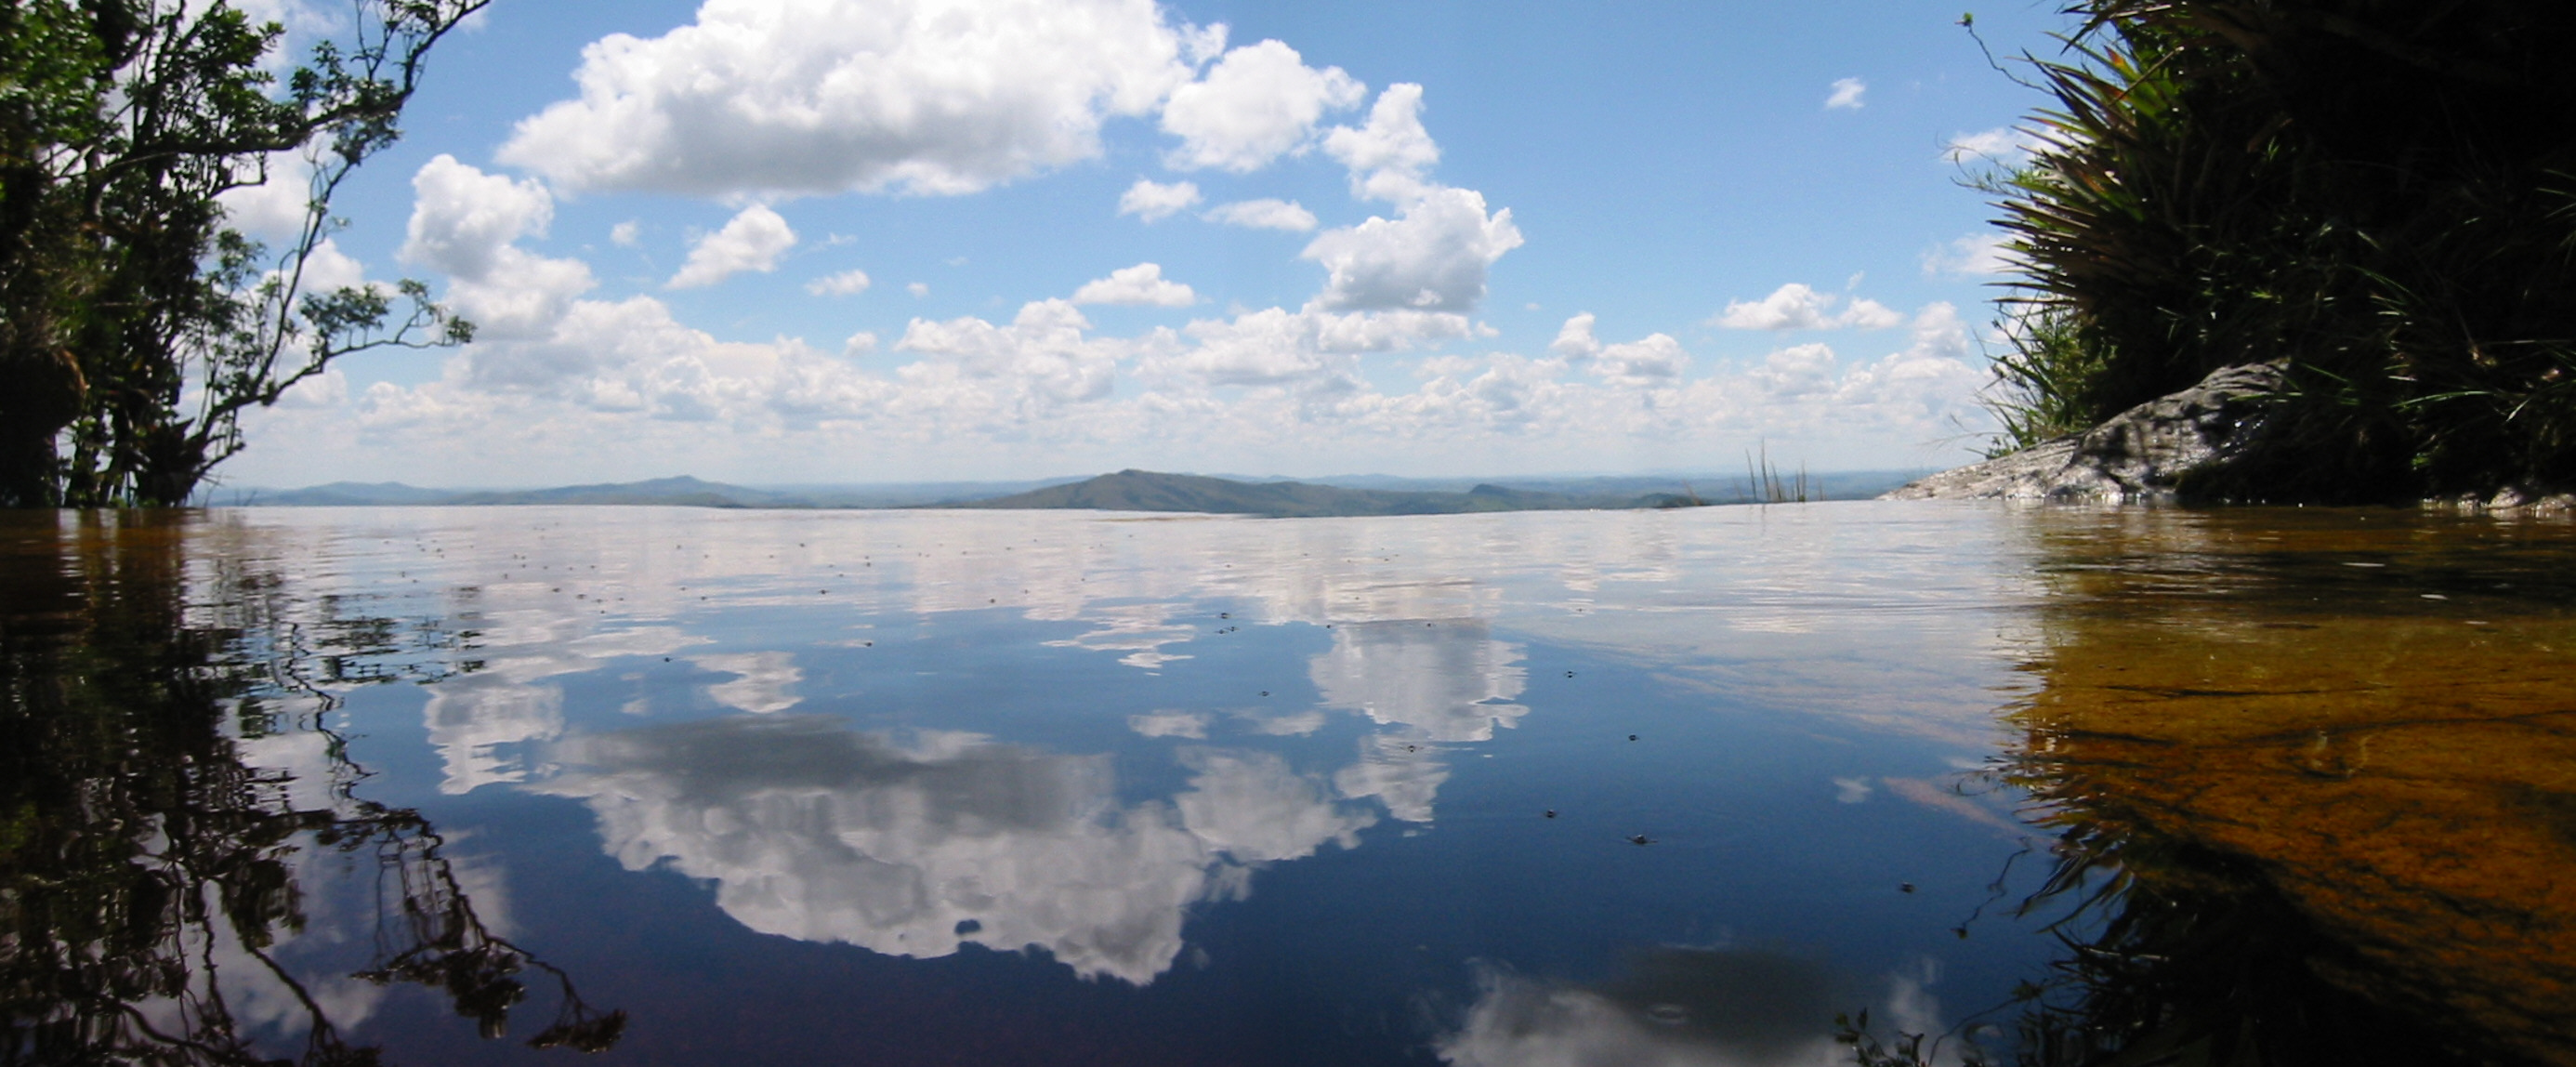 Parque Estadual do Ibitipoca, Minas Gerais